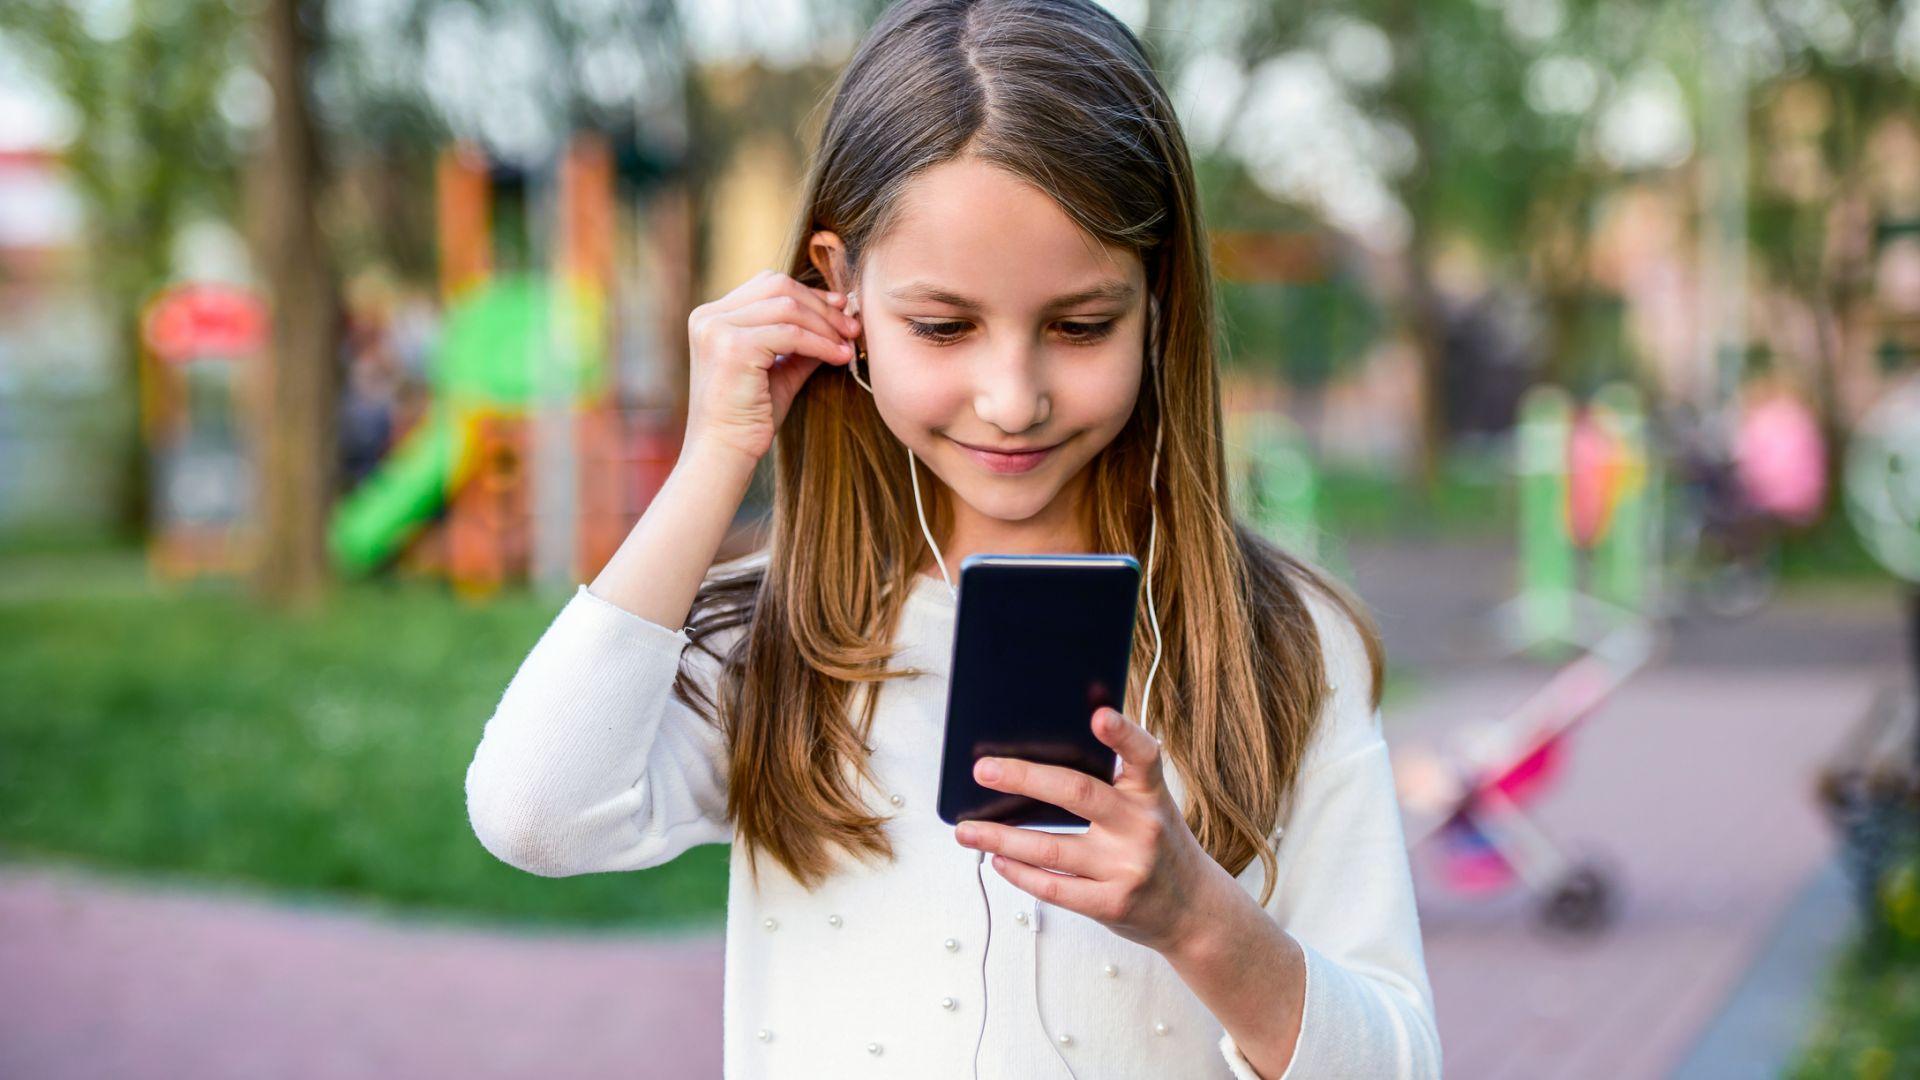 Смартфонът може да помогне на детето ви да развие интерес към музика или филми, затова не бива да му забранявате да го ползва